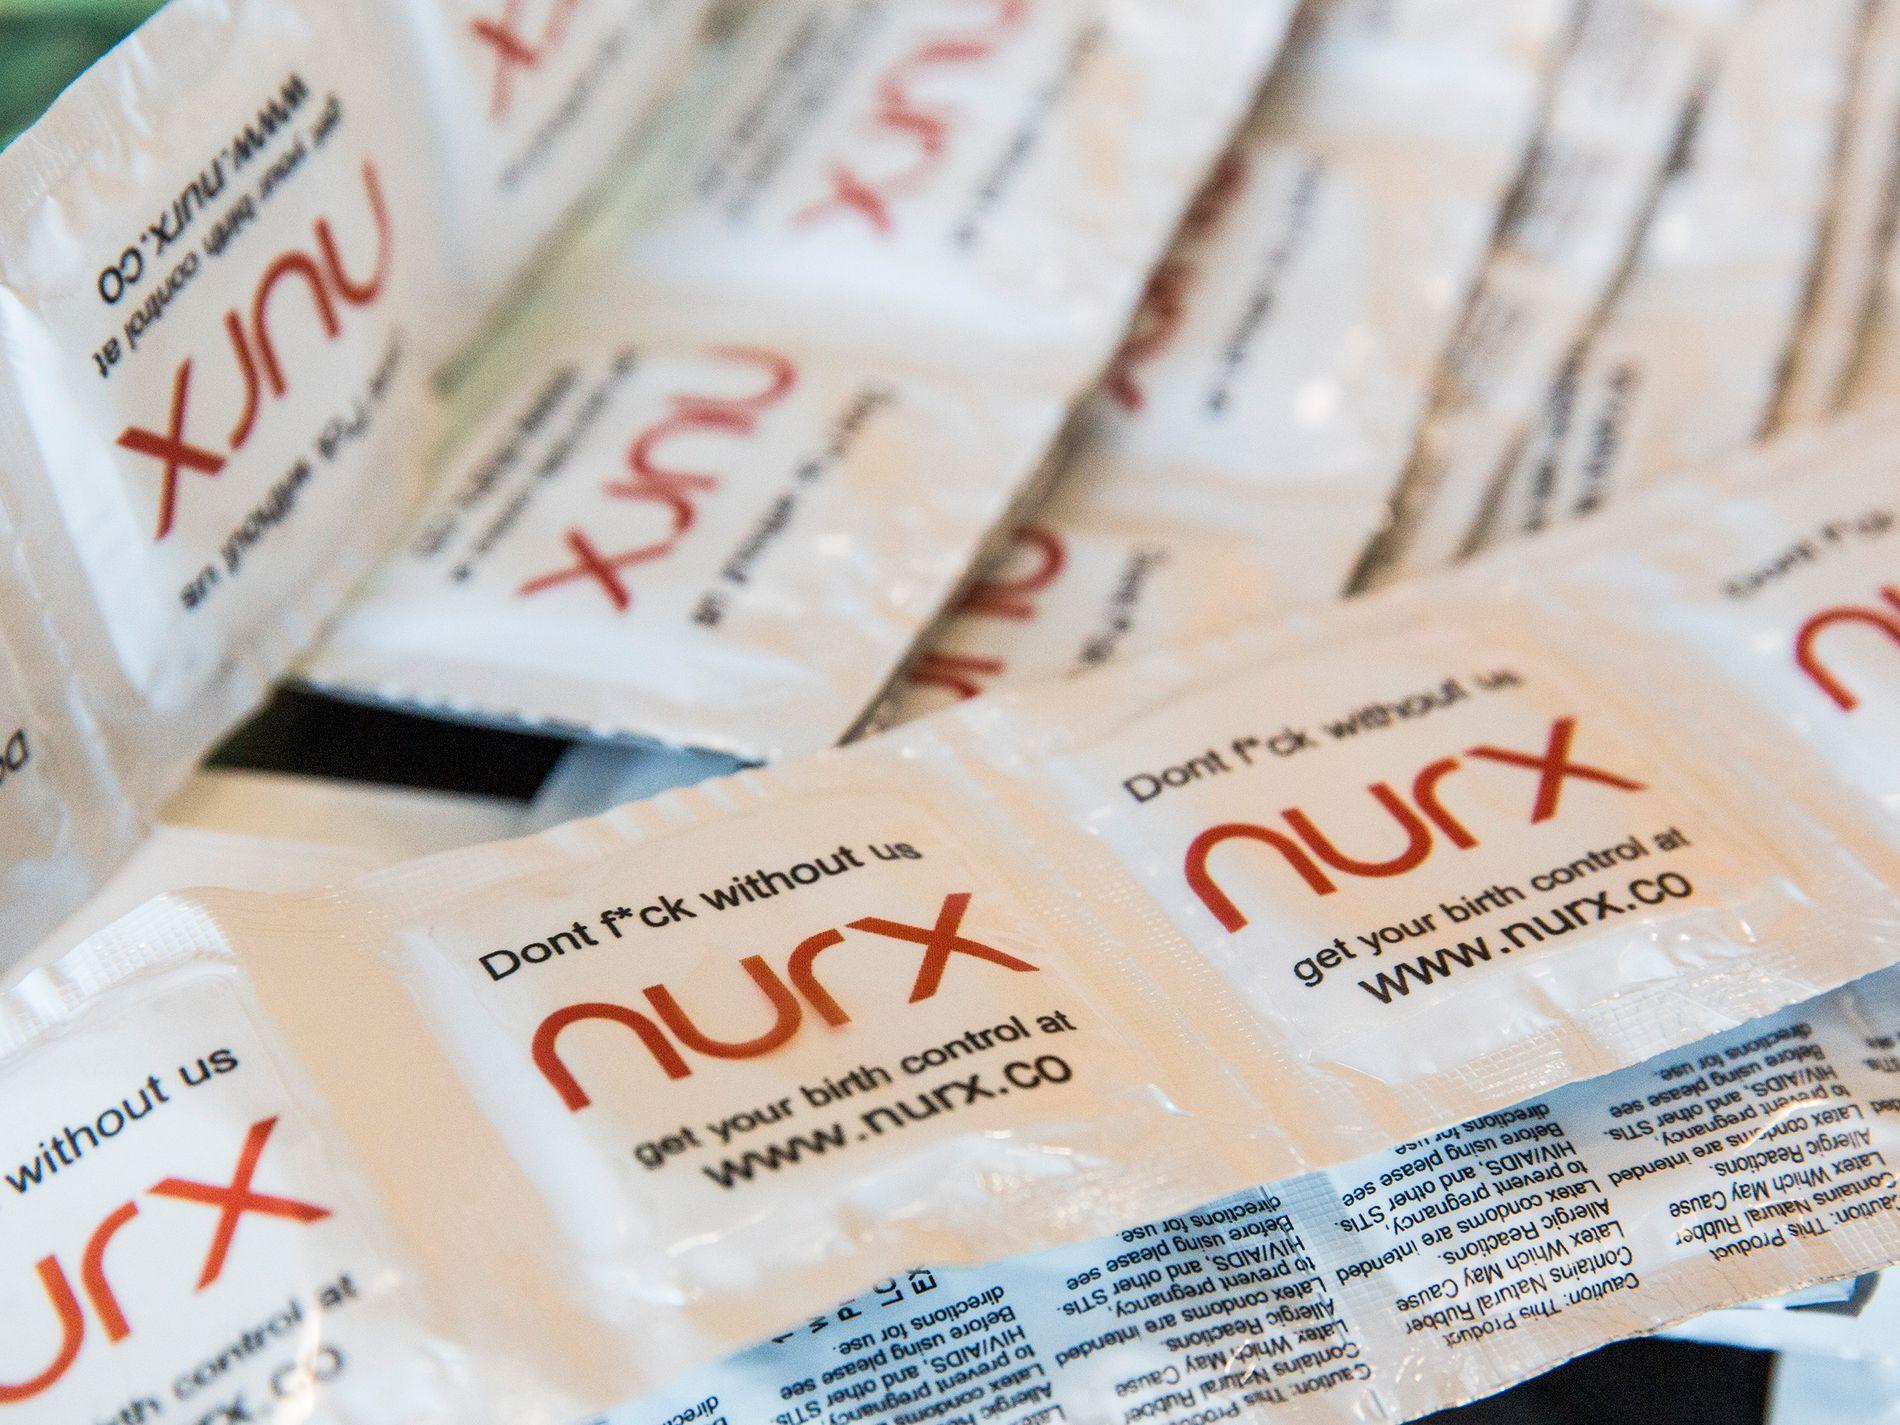 PRESSE-YNLDINGER: Nurx har plassert seg midt i den offentlige samtalen i USA, hvor abort, prevensjon og pasienters rettigheter er et hett tema i presidentvalgkampen. Medieomtalen har de brukt til å få seg nye brukere i målgruppen kvinner 14-40 år. Her noen promo-kondomer med selskapets logo.